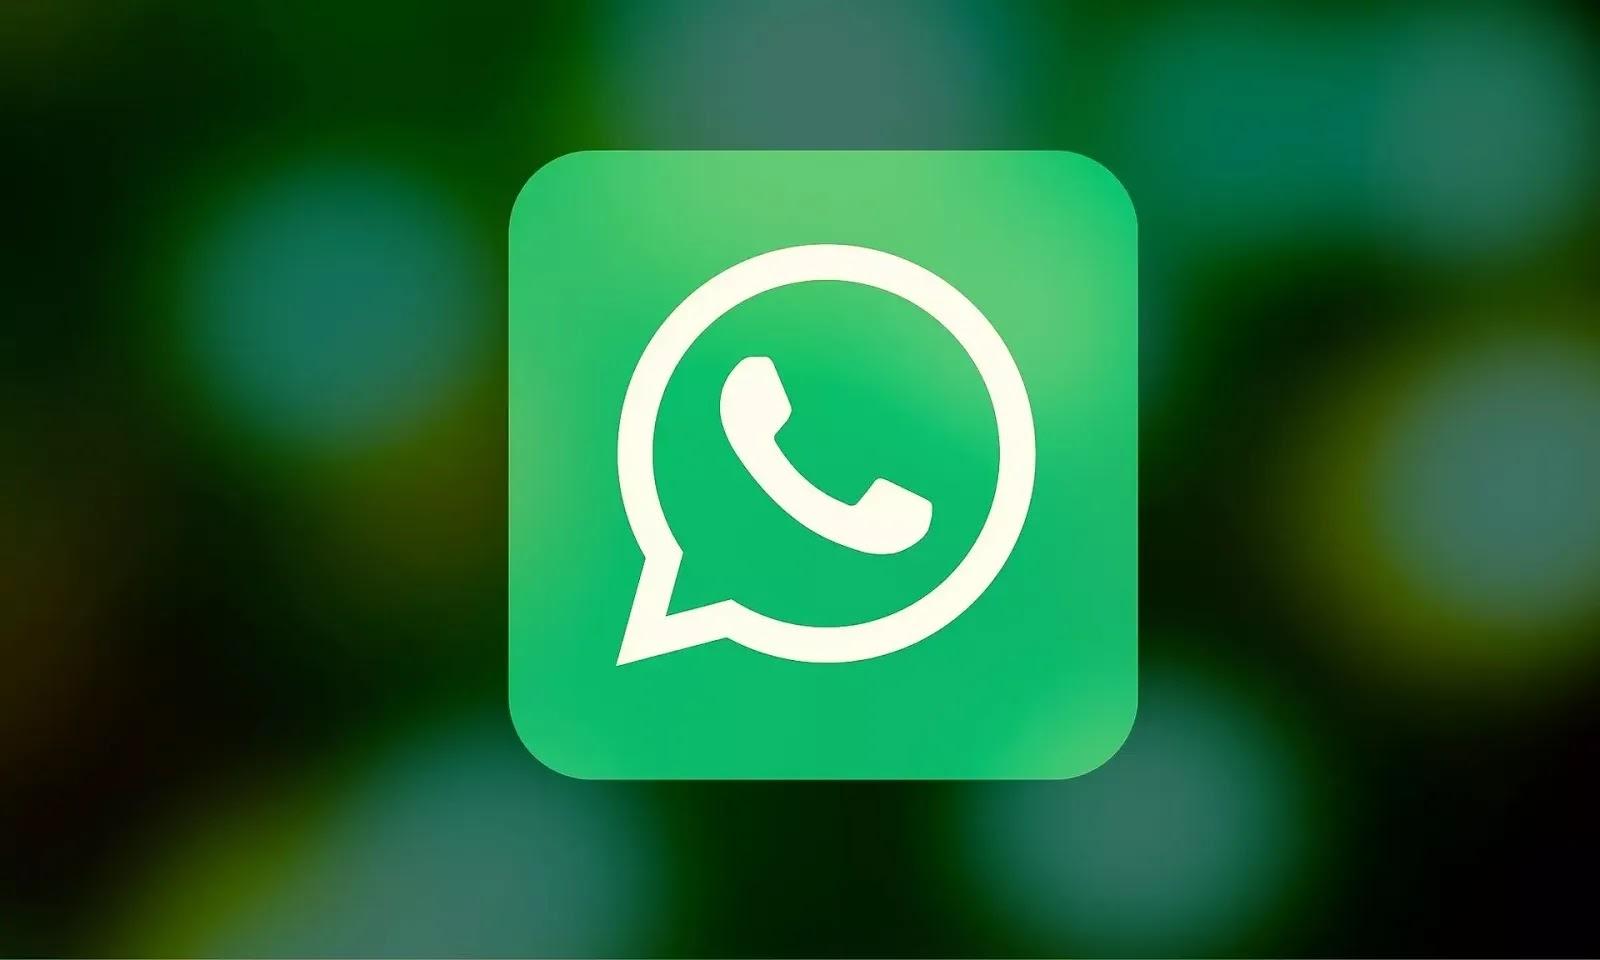 Postando vídeos com mais de 30 segundos no Whatsapp